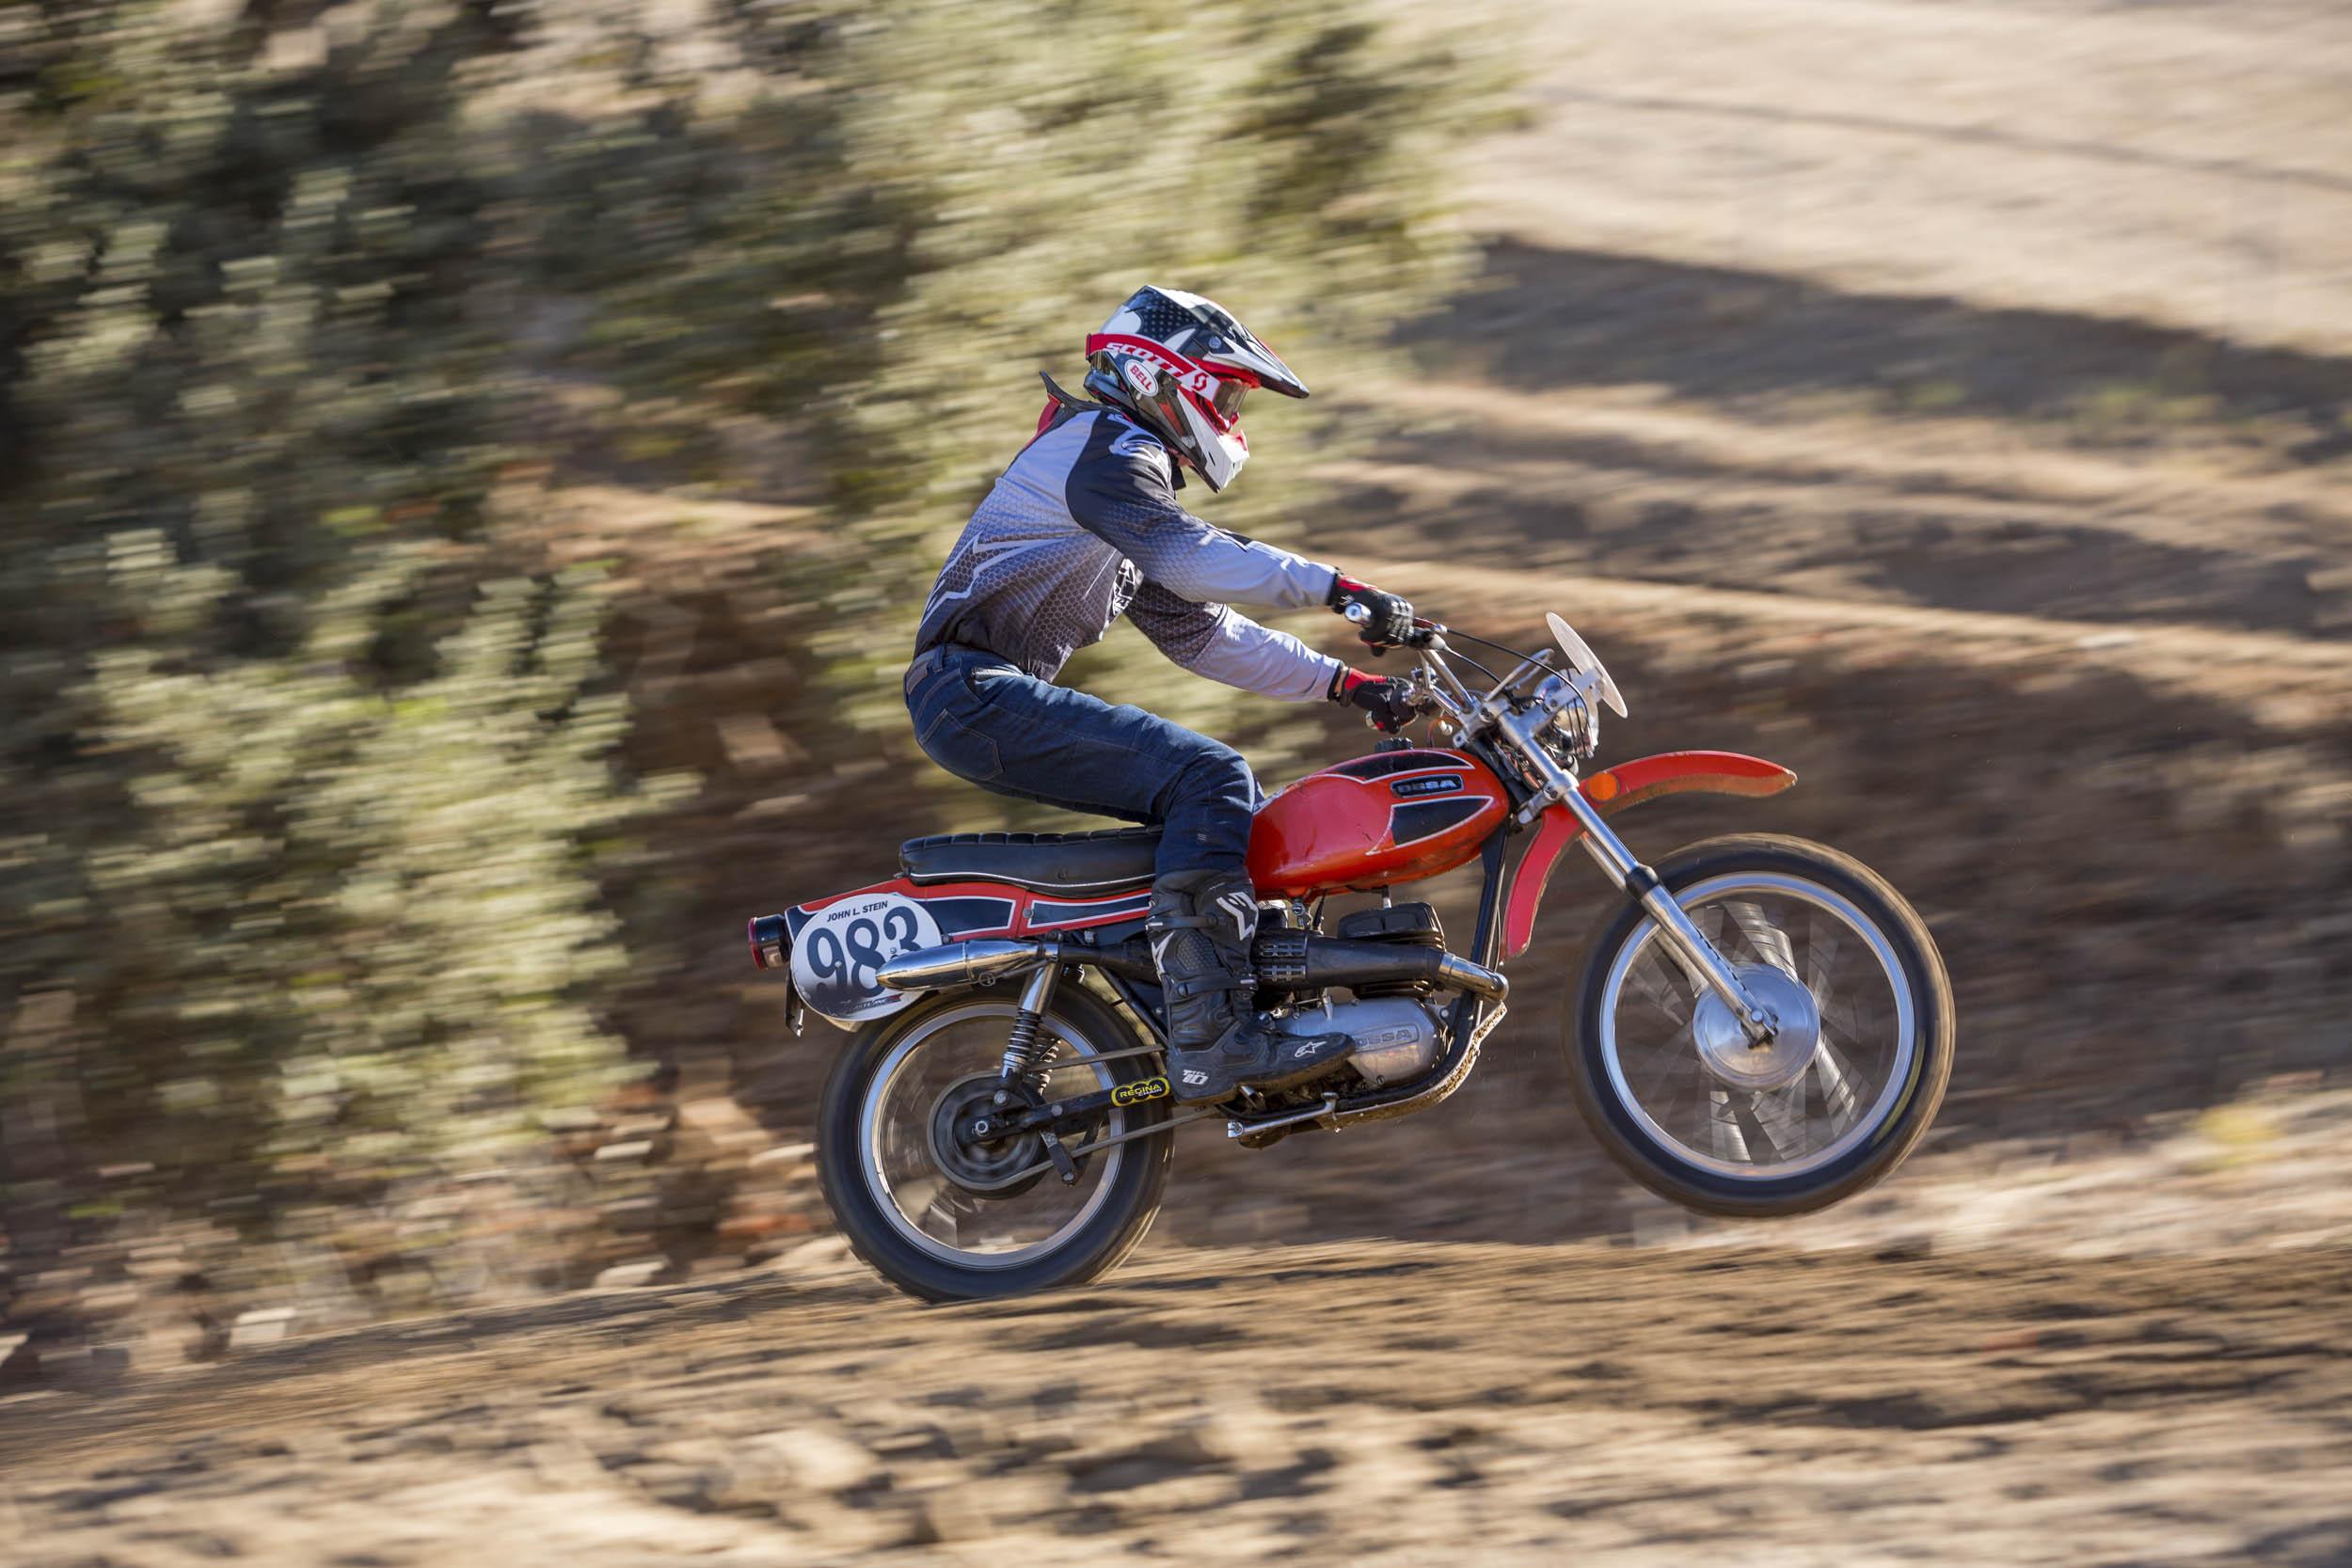 1971 Ossa Pioneer 250 Enduro motocross racing